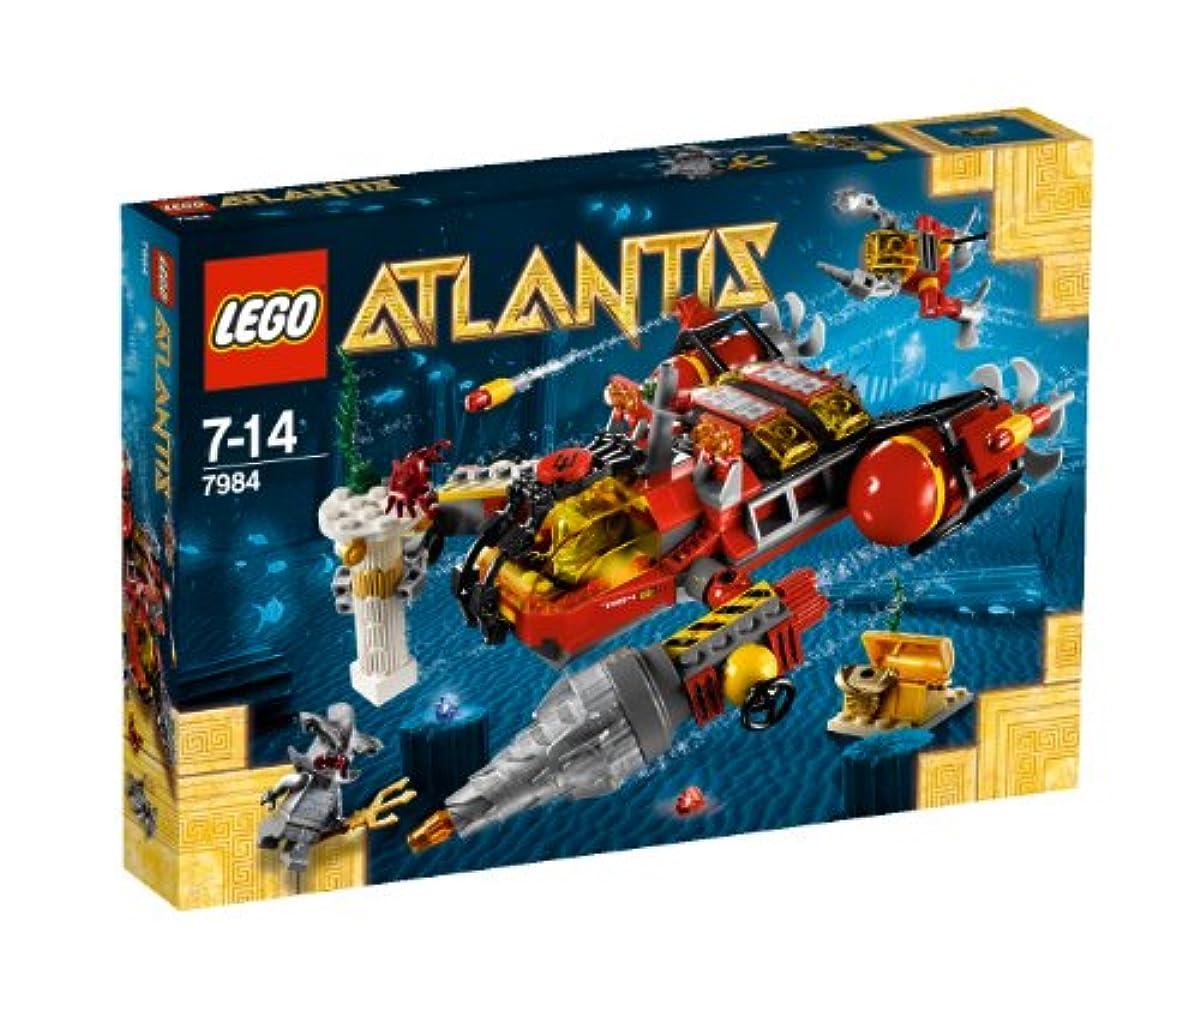 [해외] 레고 (LEGO) 아틀란티스 딥 C 레이더 7984 (2011-02-10)